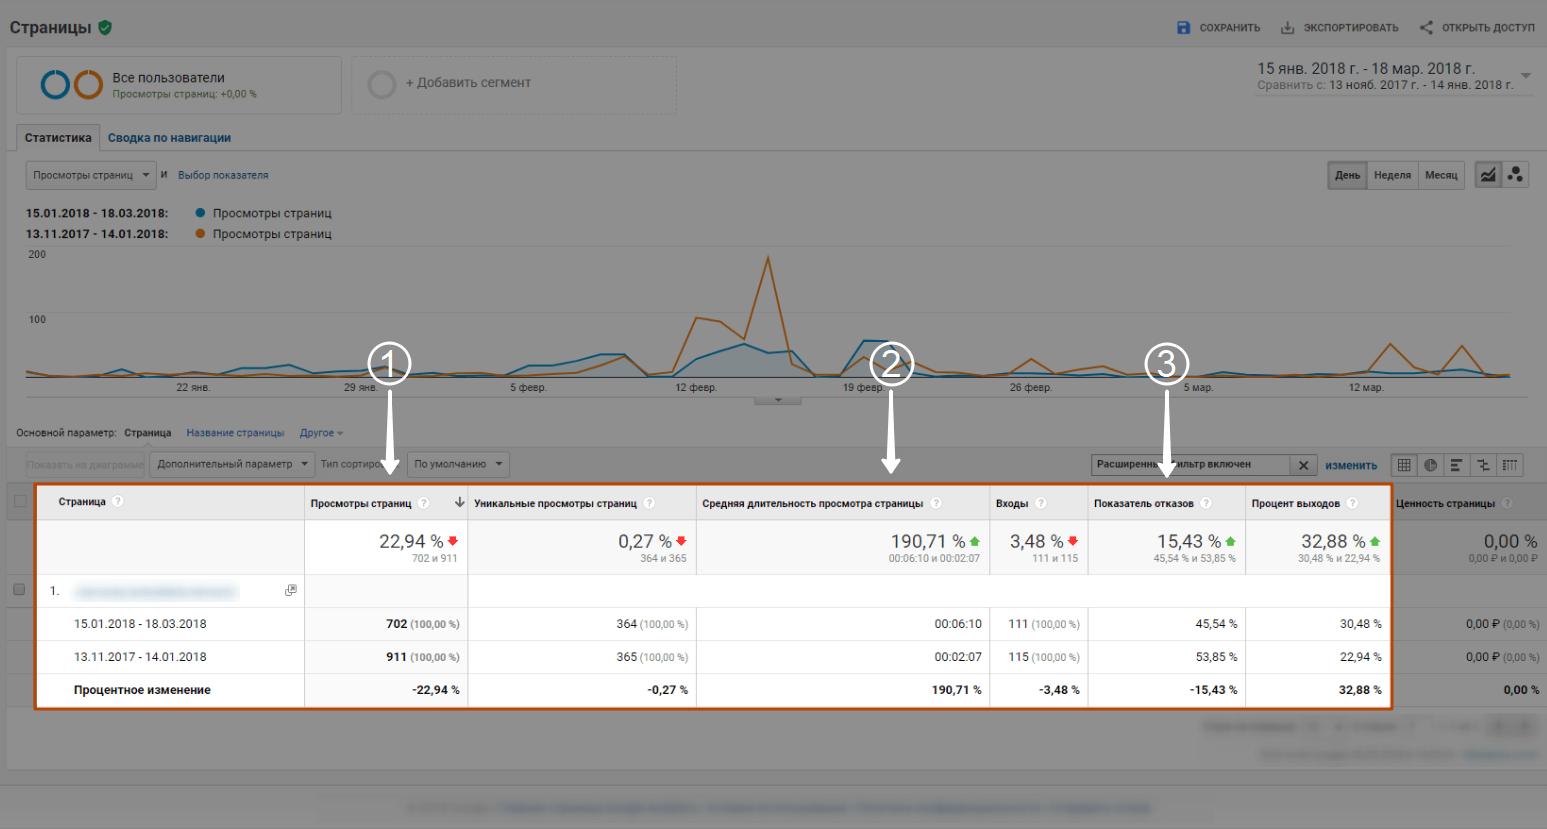 Пример отчета в google analytics после аудита сайта